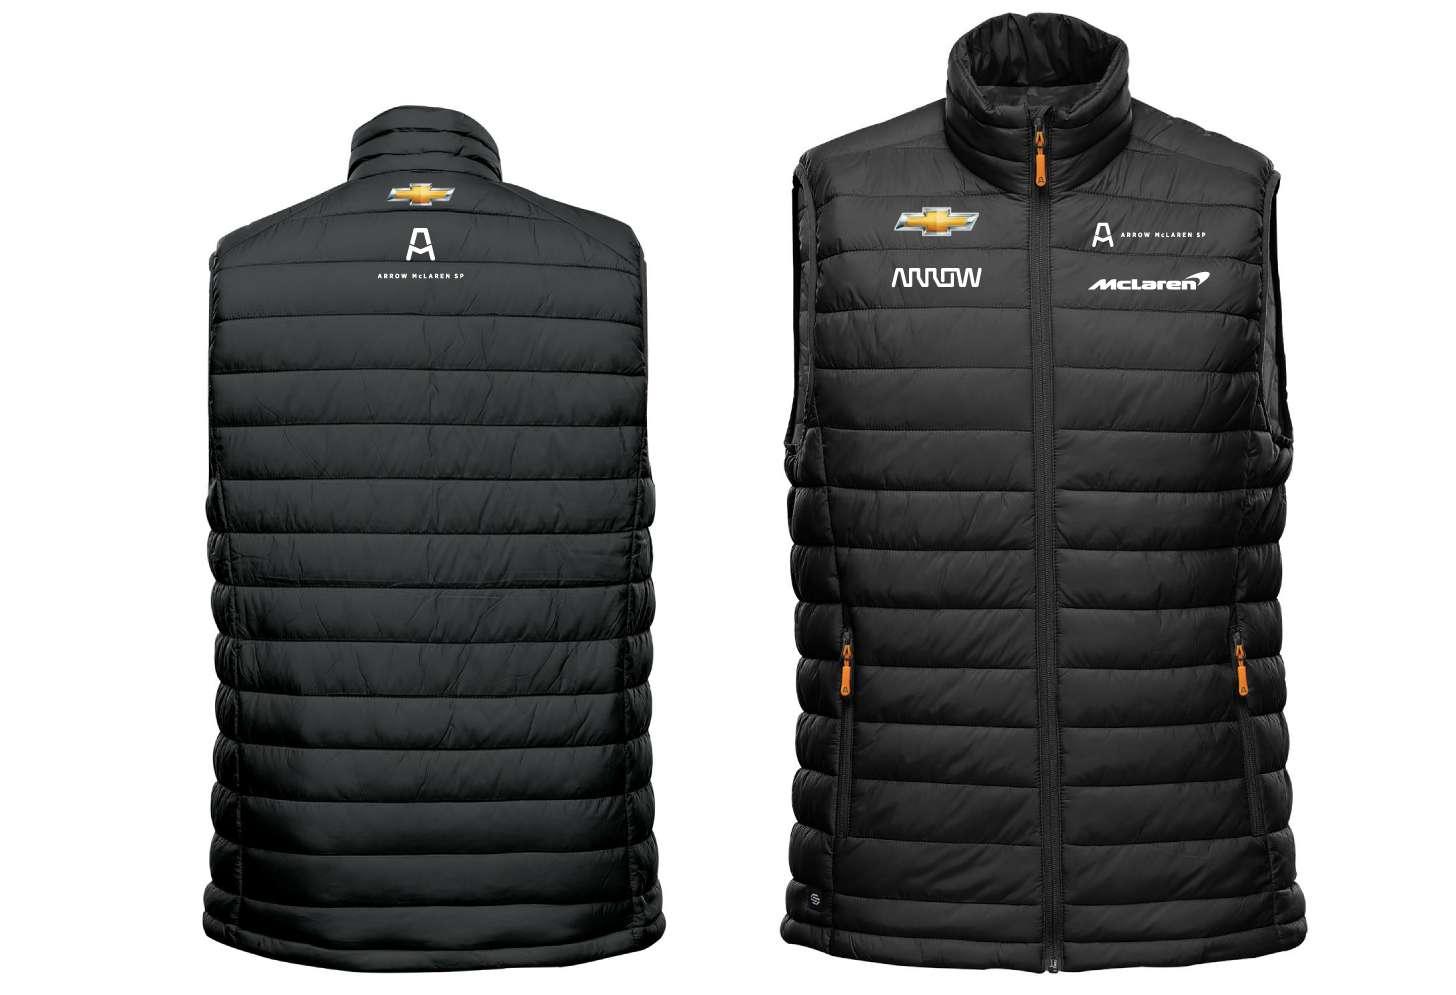 2XL Men's Official Team Puffer Vest